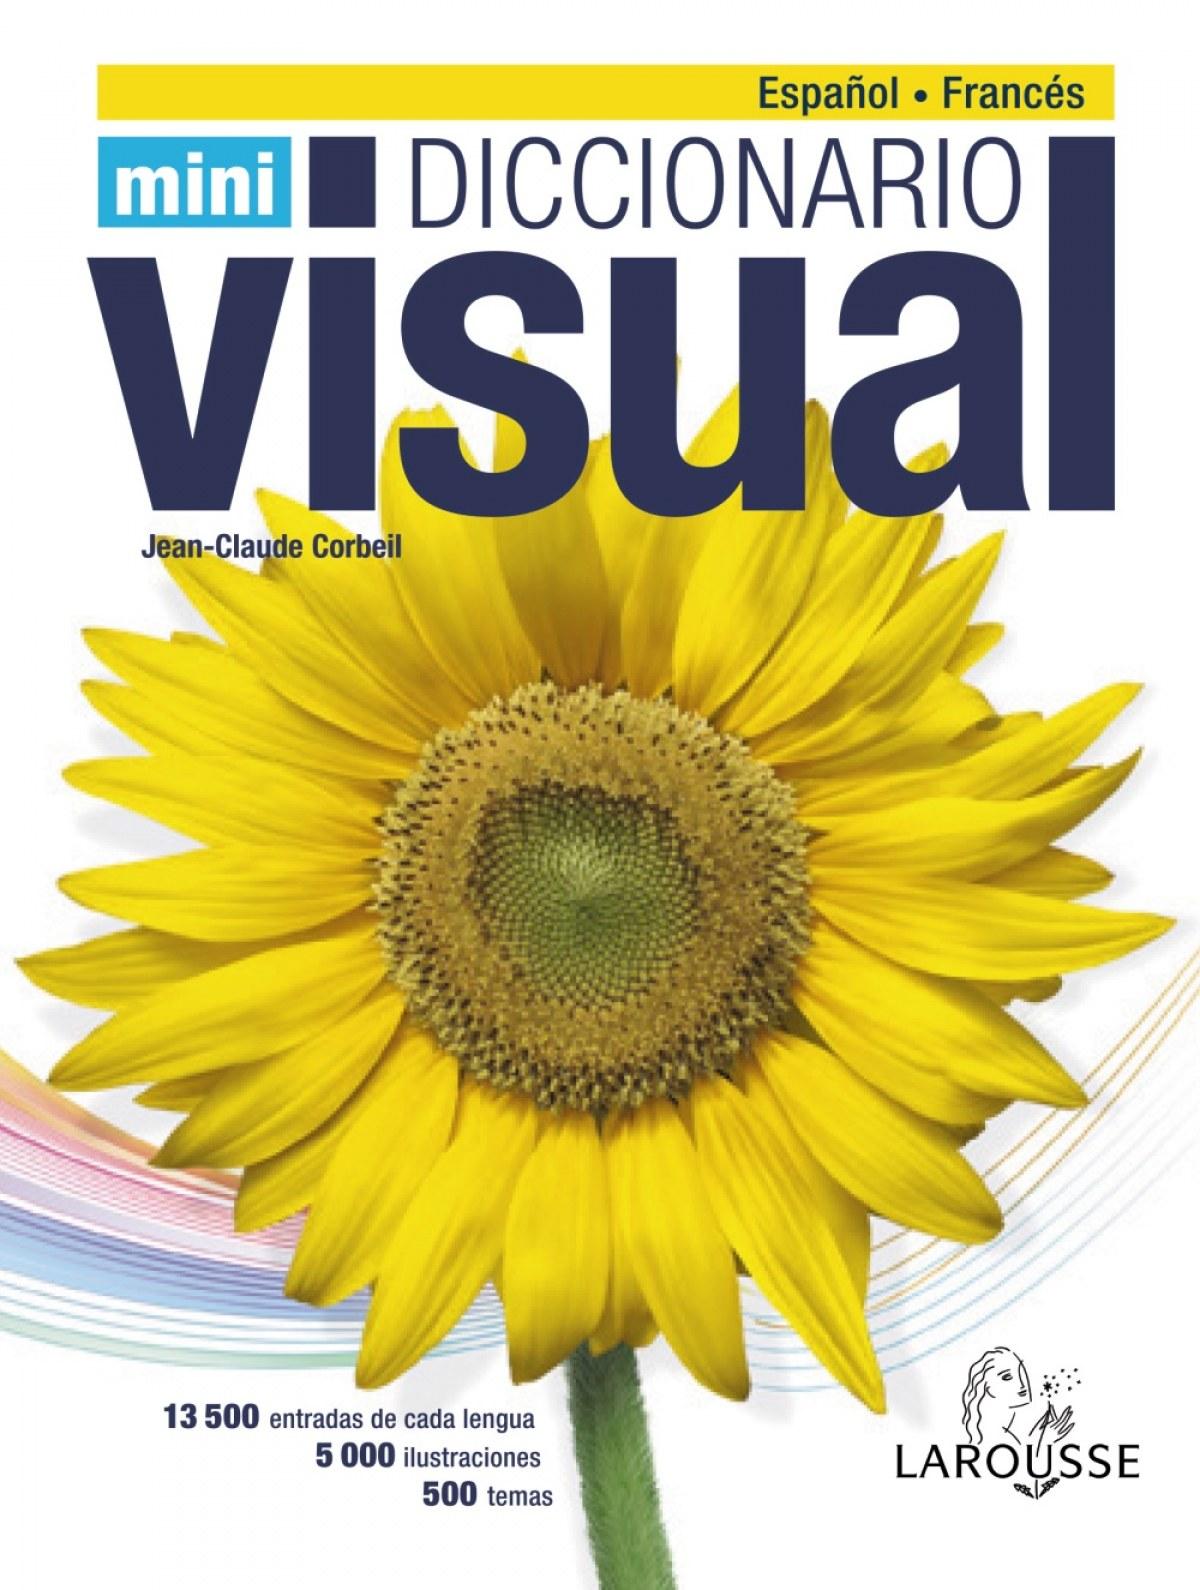 Diccionario mini visual Francés-Español 9788416368075